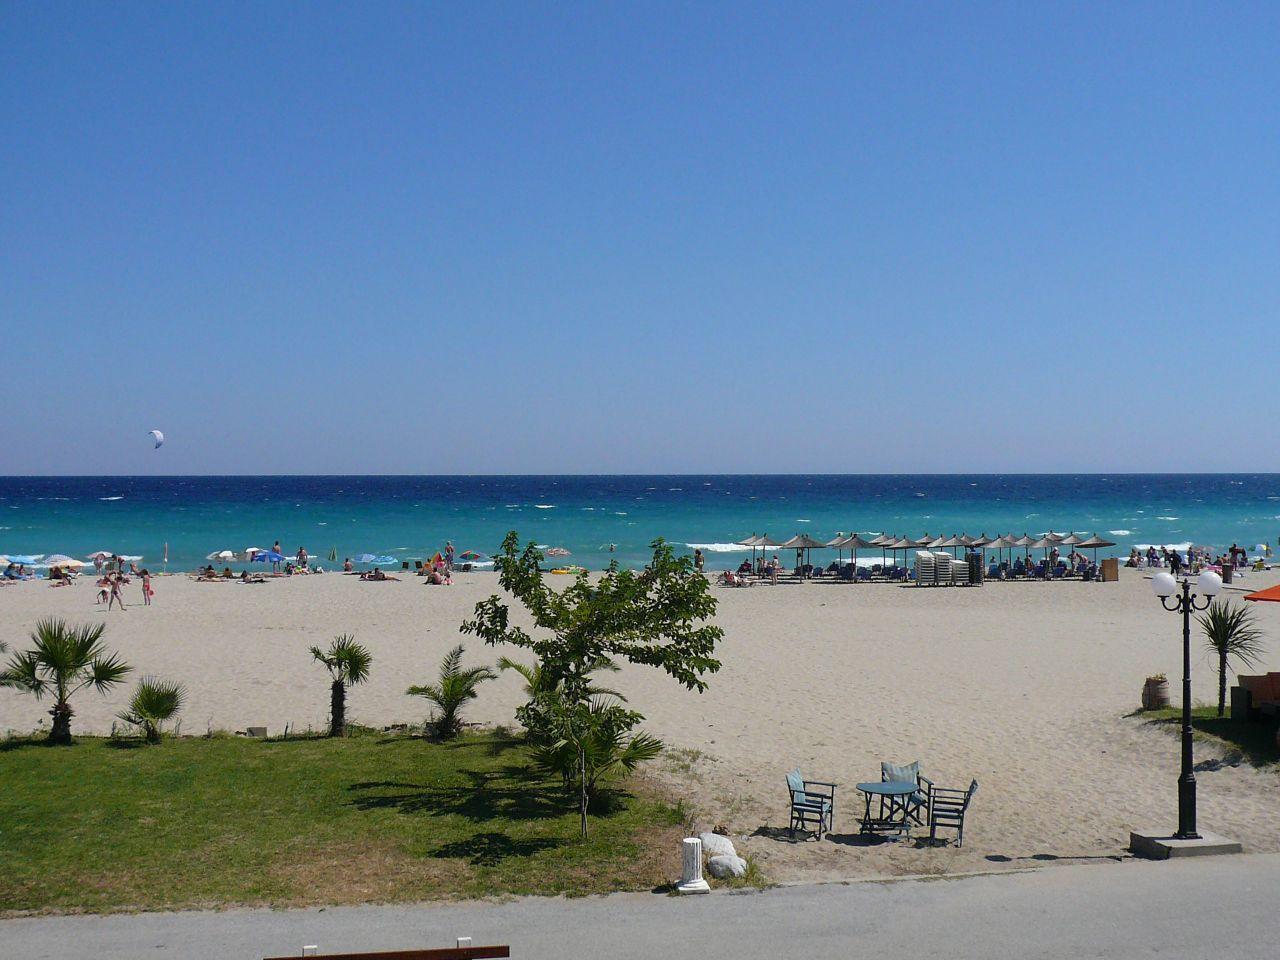 Letovanje Nei pori Grčka cene aranžmana jeftino